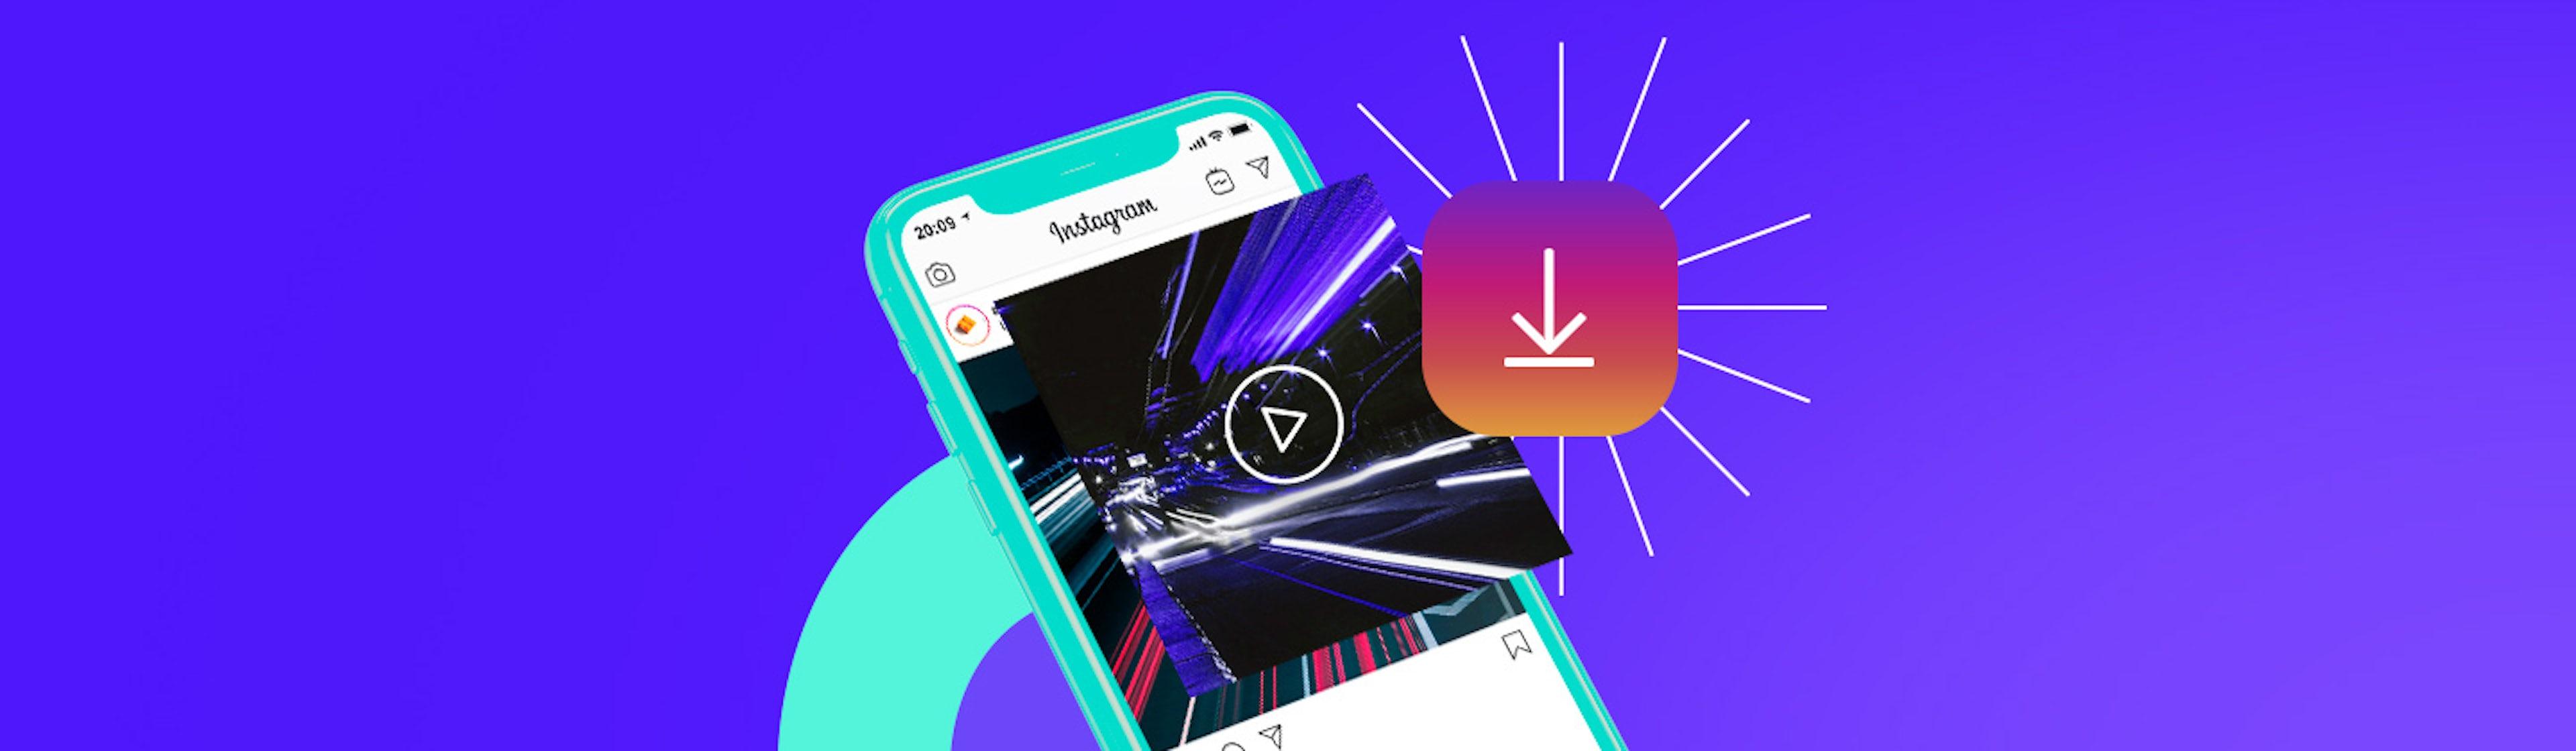 +15 mejores apps para descargar gratis videos de Instagram